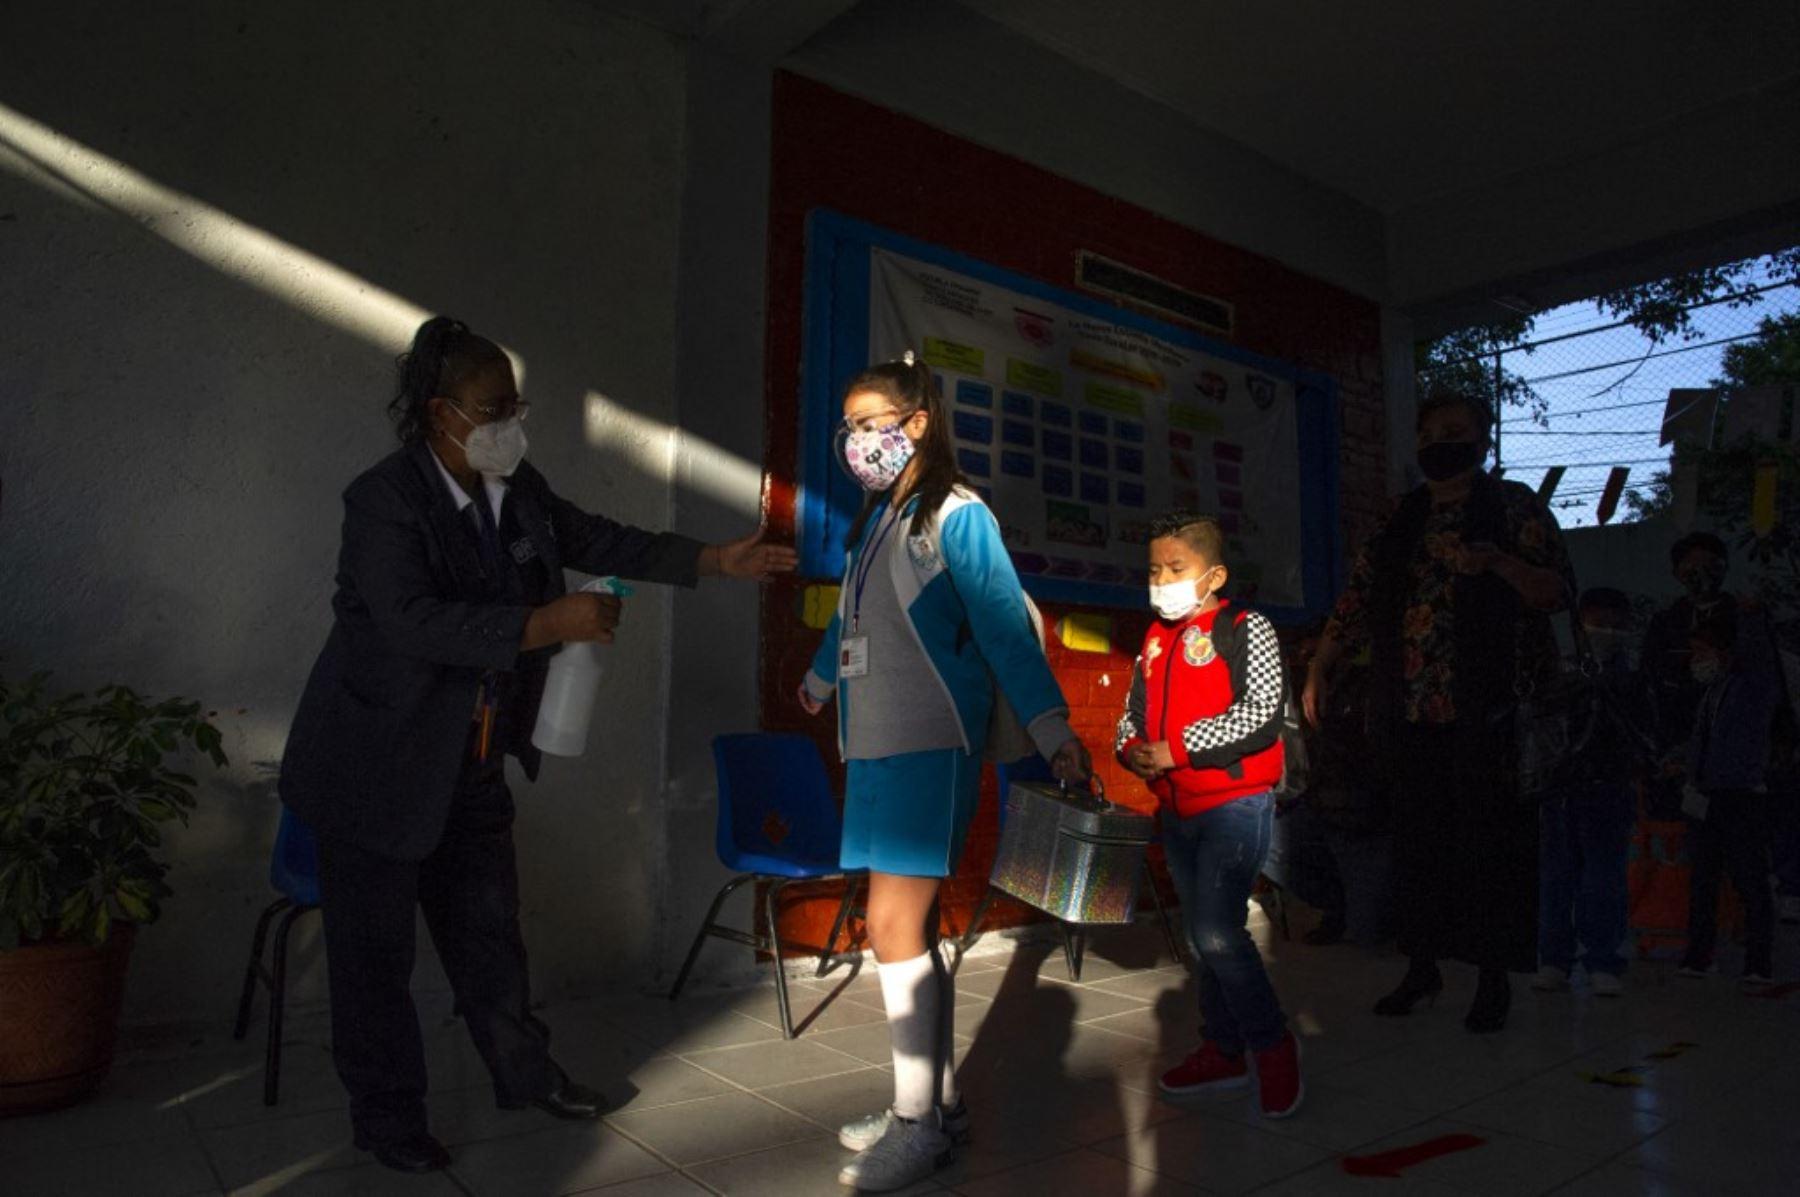 Una niña es desinfectada cuando ingresa a una escuela durante la reanudación de las clases presenciales en la Ciudad de México, luego de que las actividades educativas fueran suspendidas debido a la pandemia del coronavirus covid-19 durante más de un año. Foto: AFP